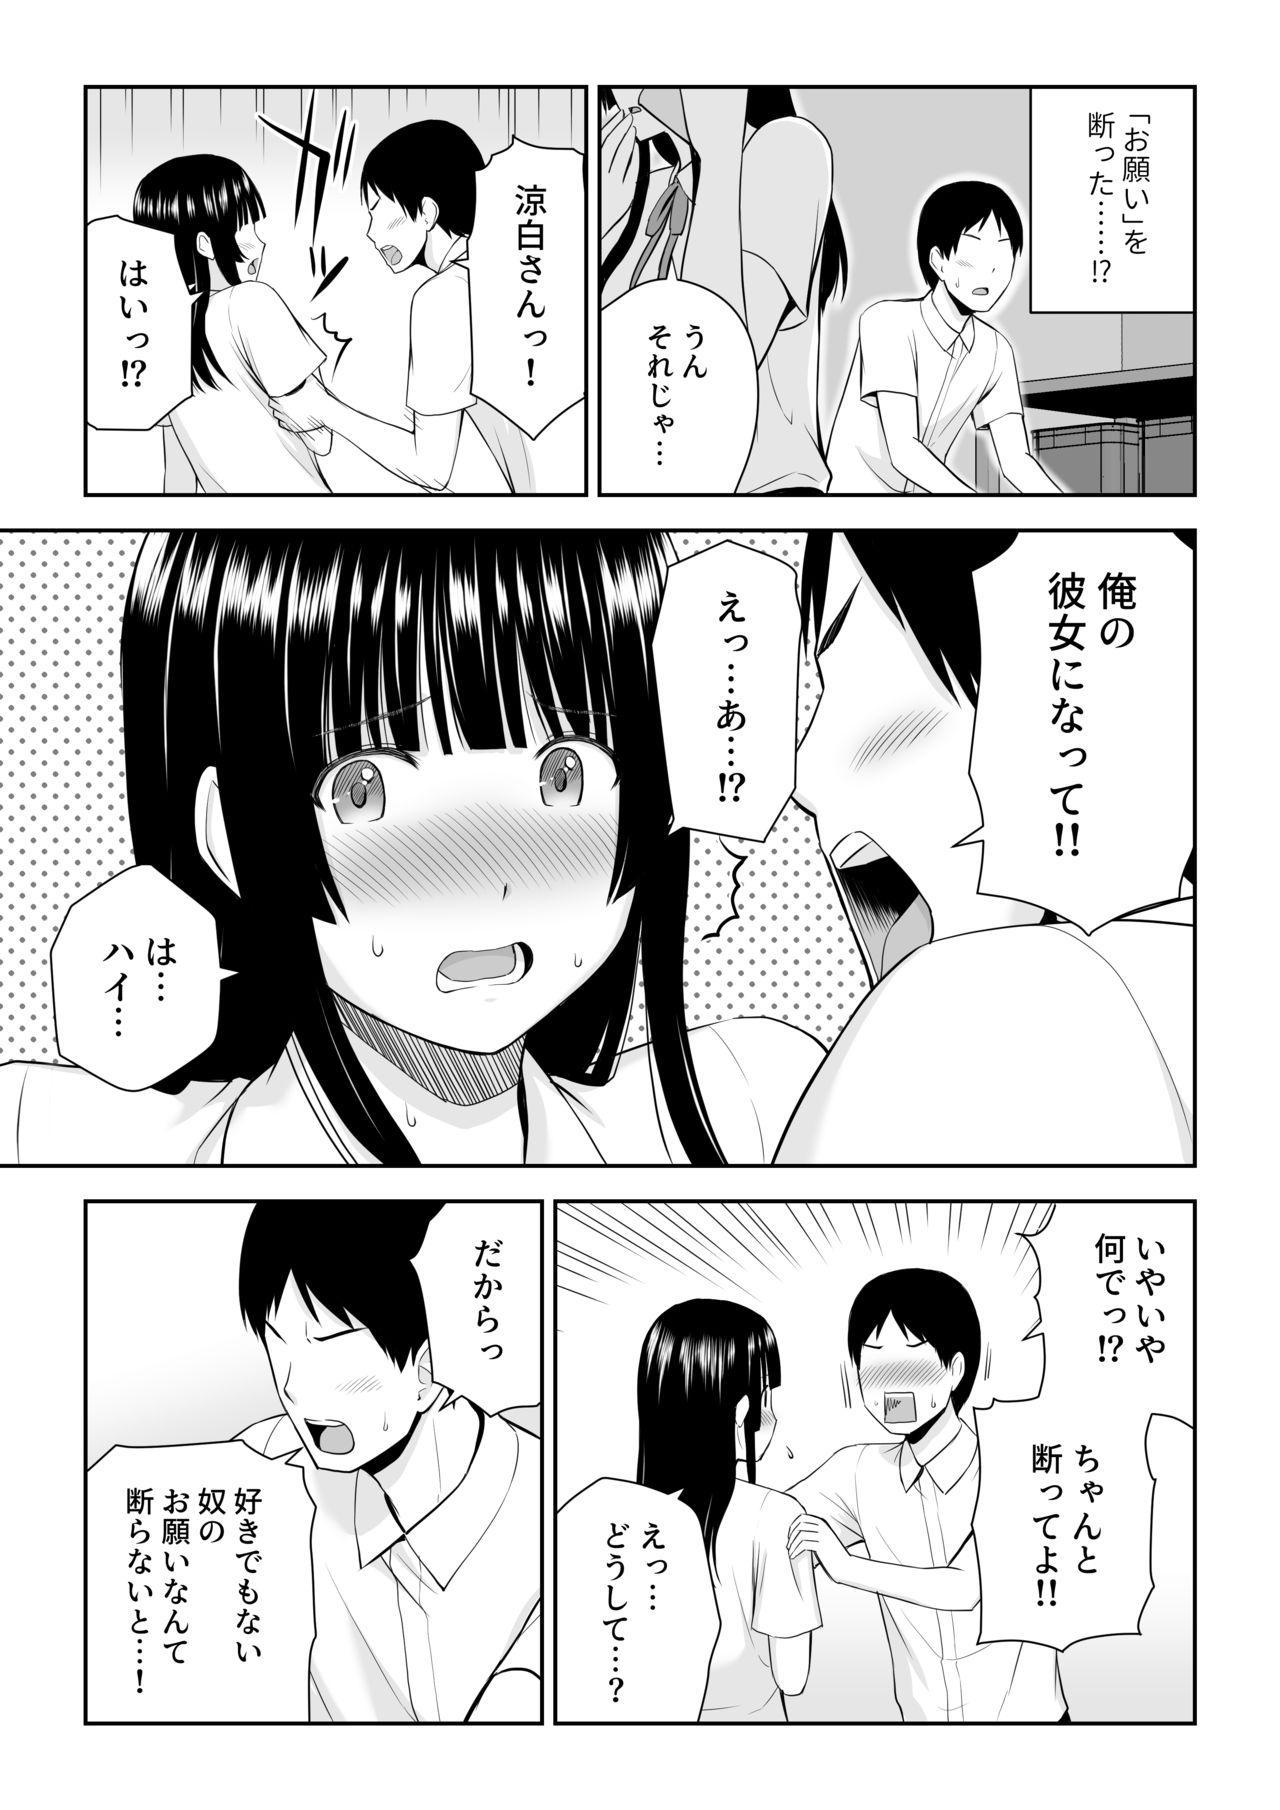 Suzushiro-san wa Onegai ni Yowai 35